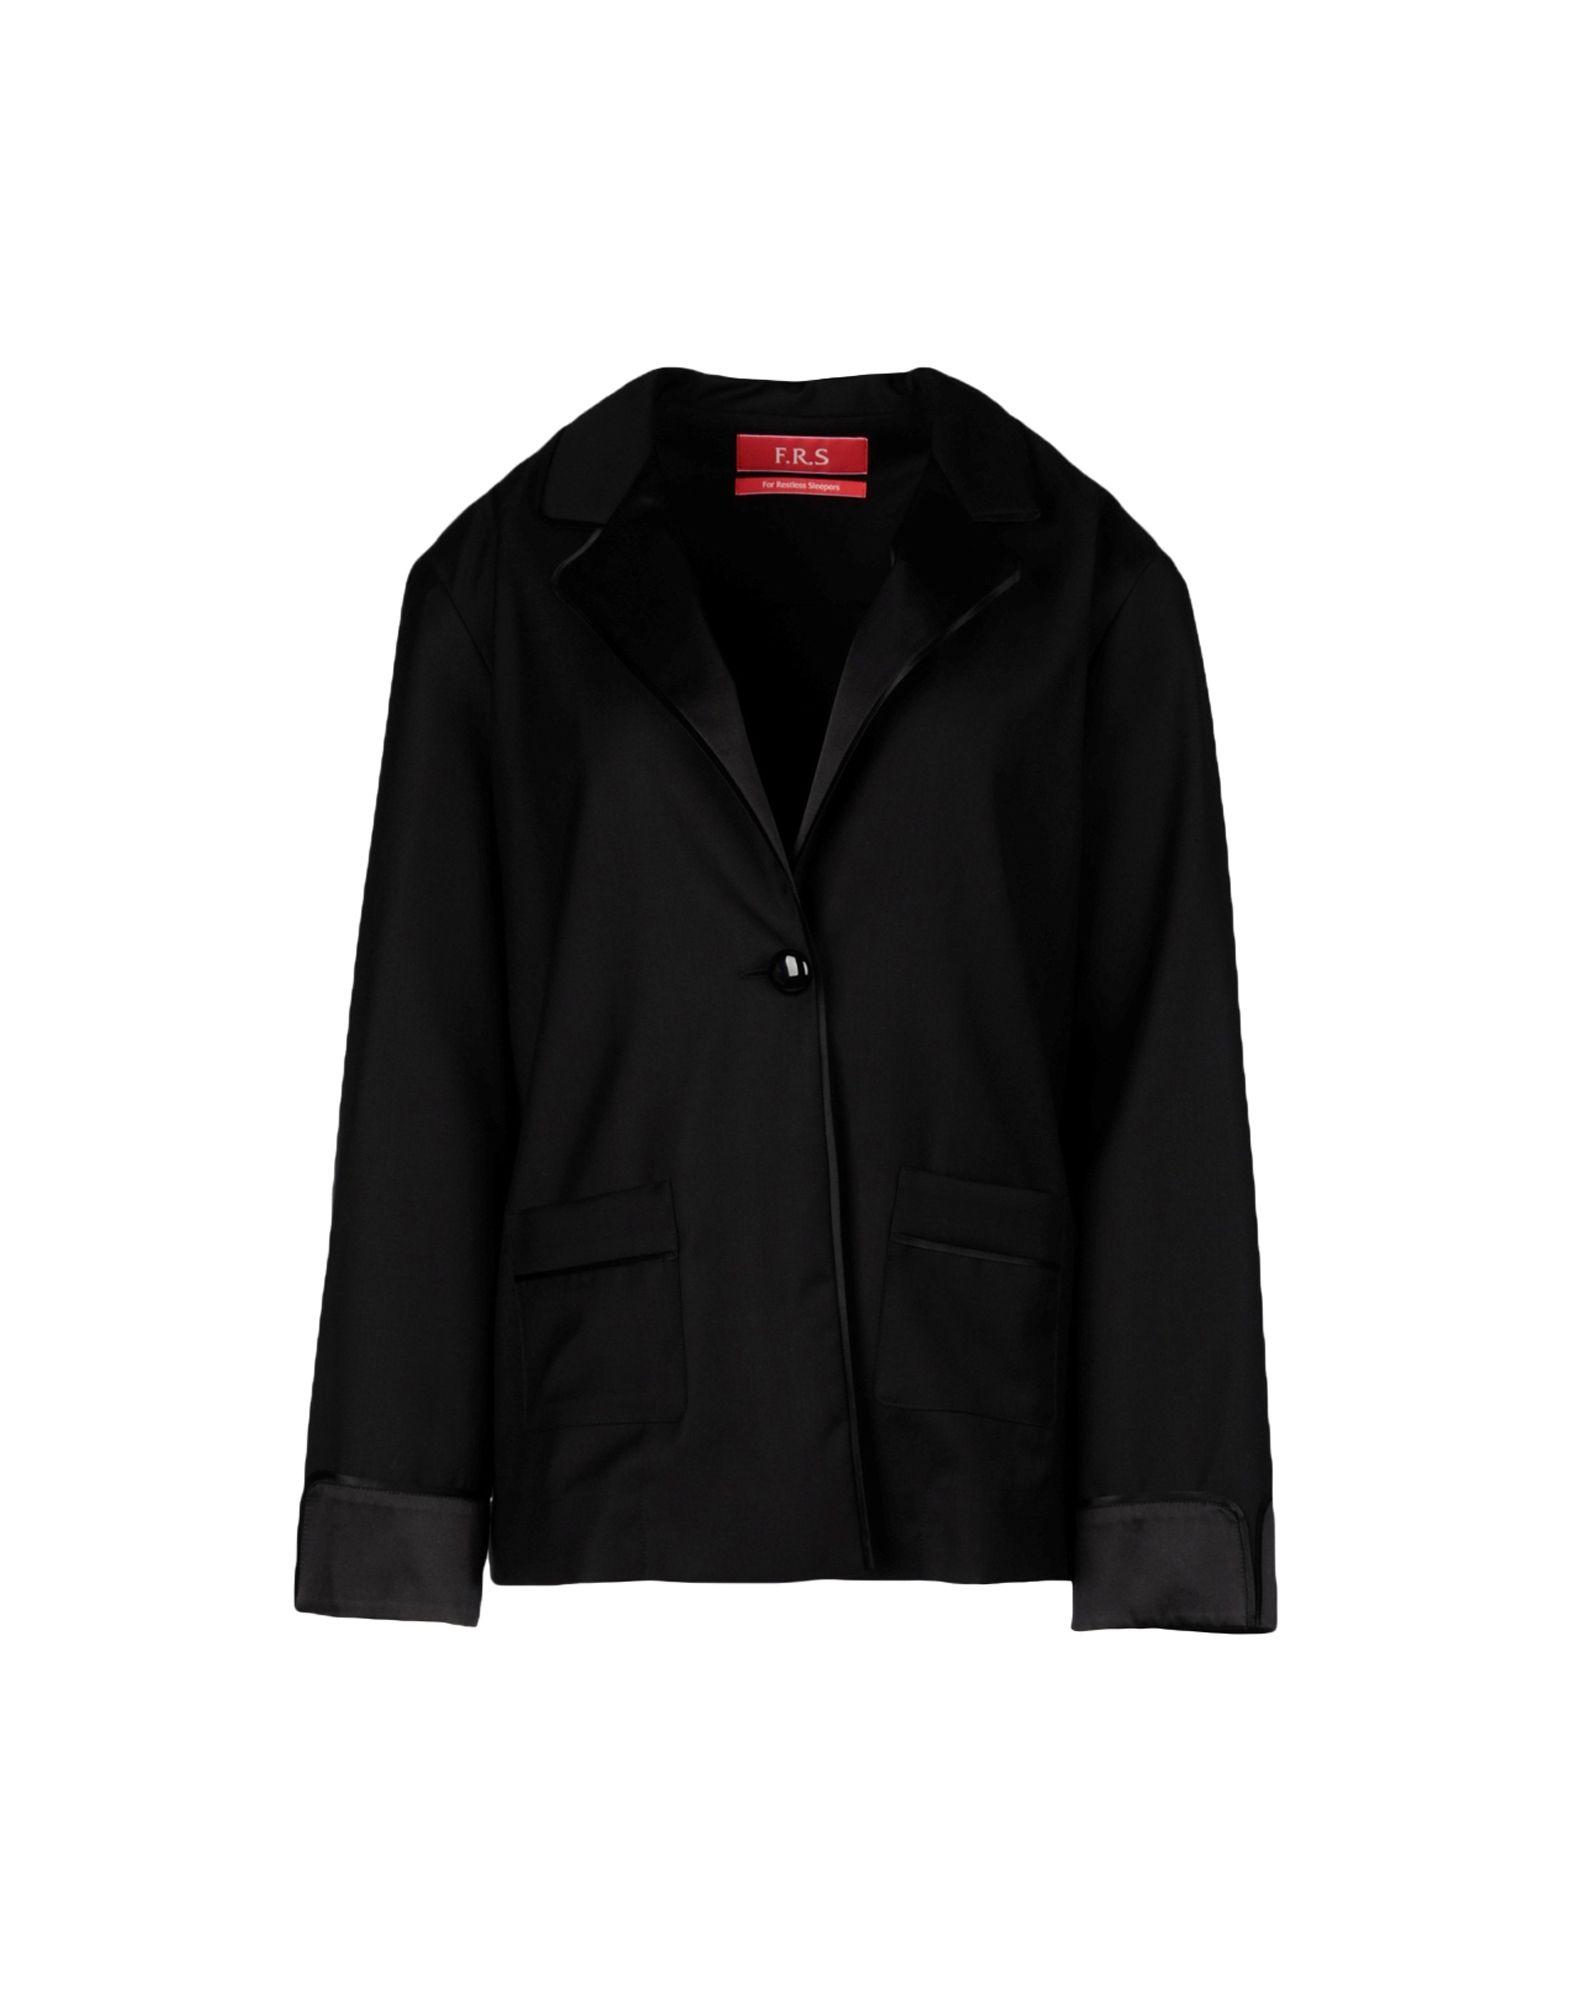 《送料無料》F.R.S. FOR RESTLESS SLEEPERS レディース メンズスーツ ブラック XS ウール 100%